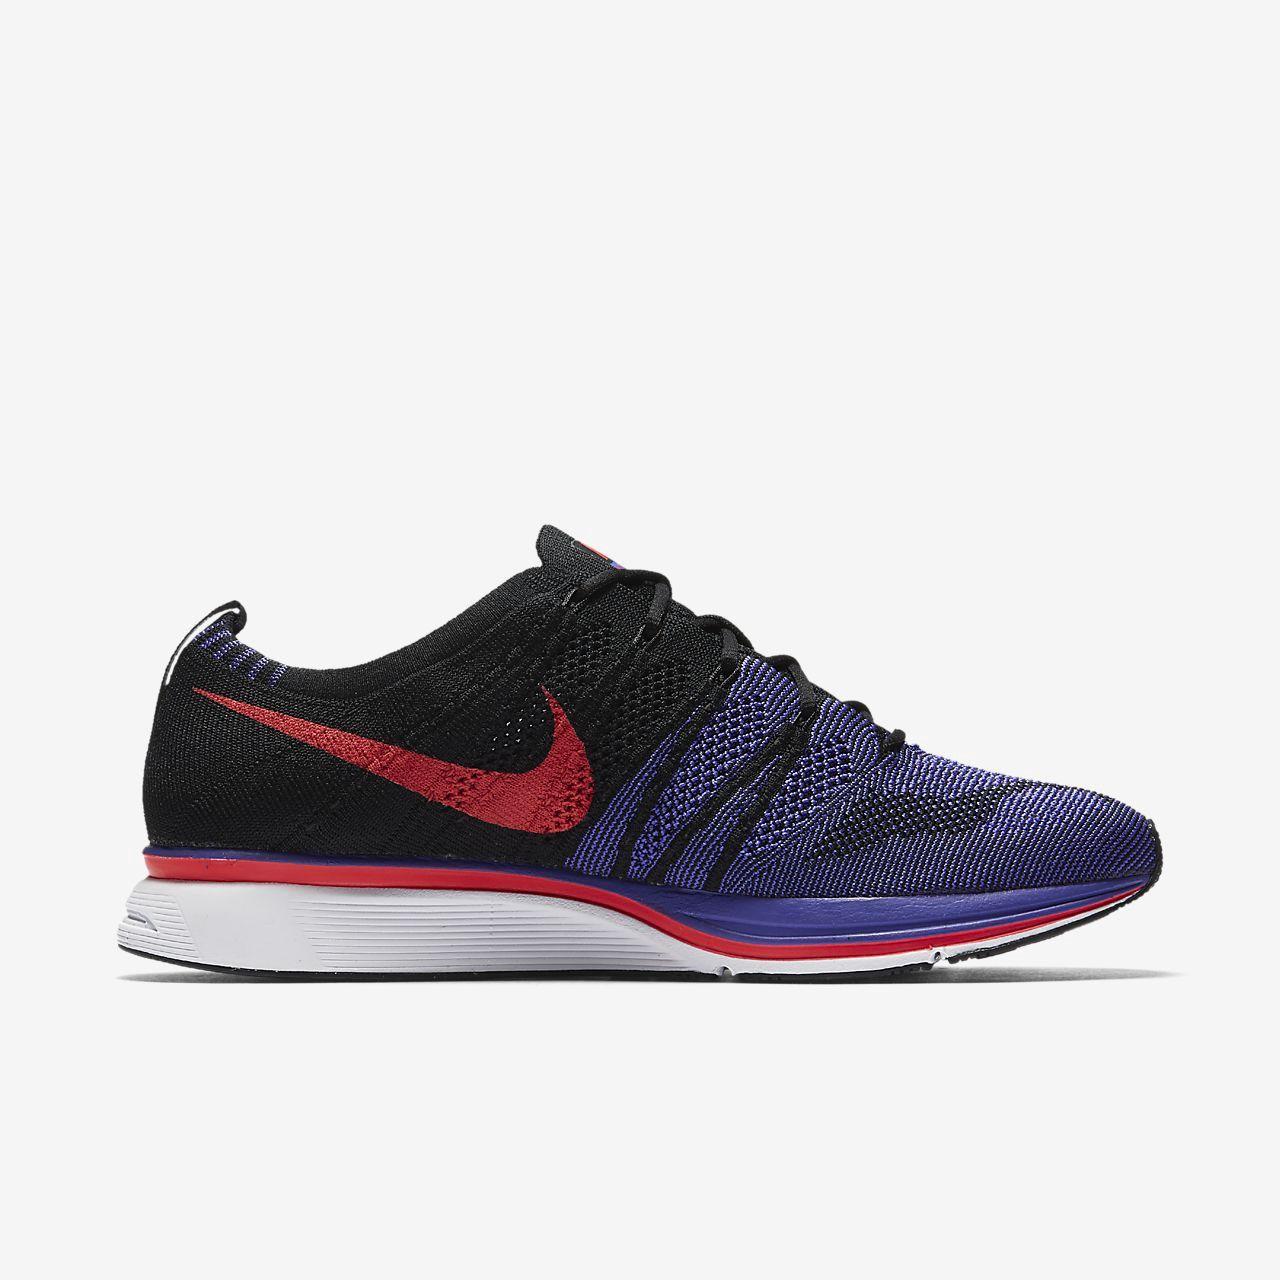 Nike Flyknit Trainer Unisex Shoe M 11 / W 12.5 Red